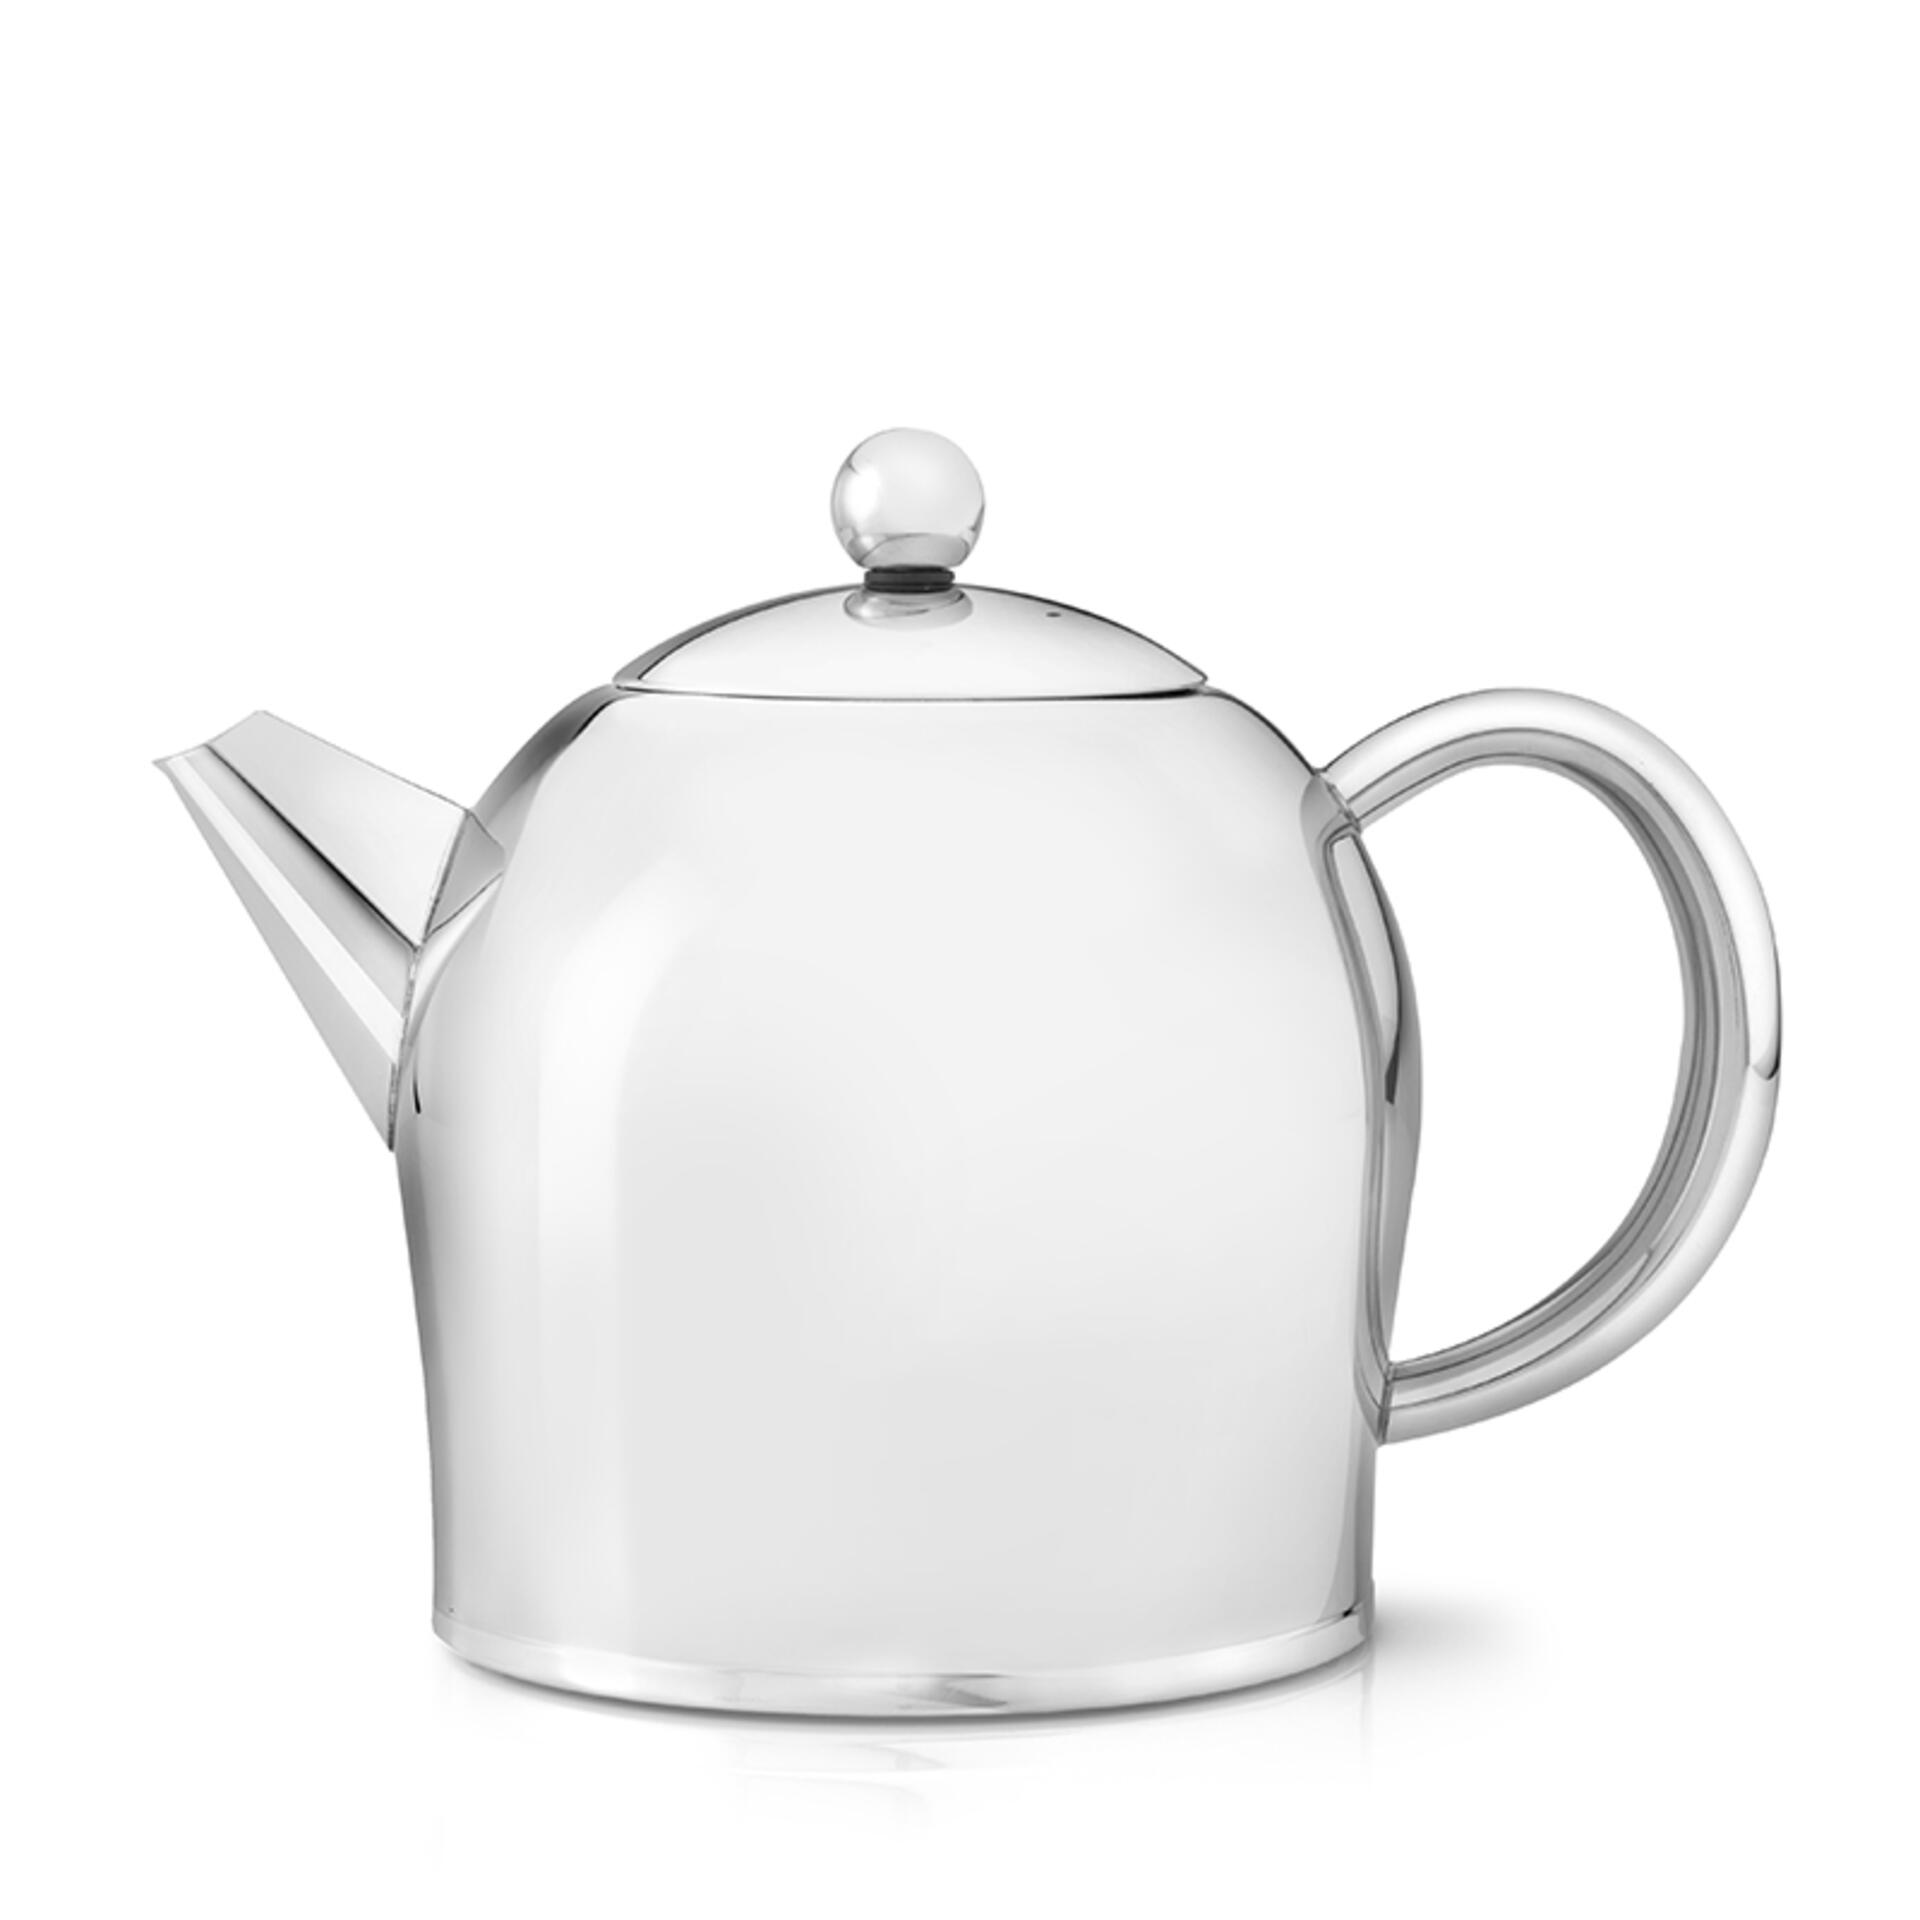 Bredemeijer Teekanne Minuet Santhee 1 l